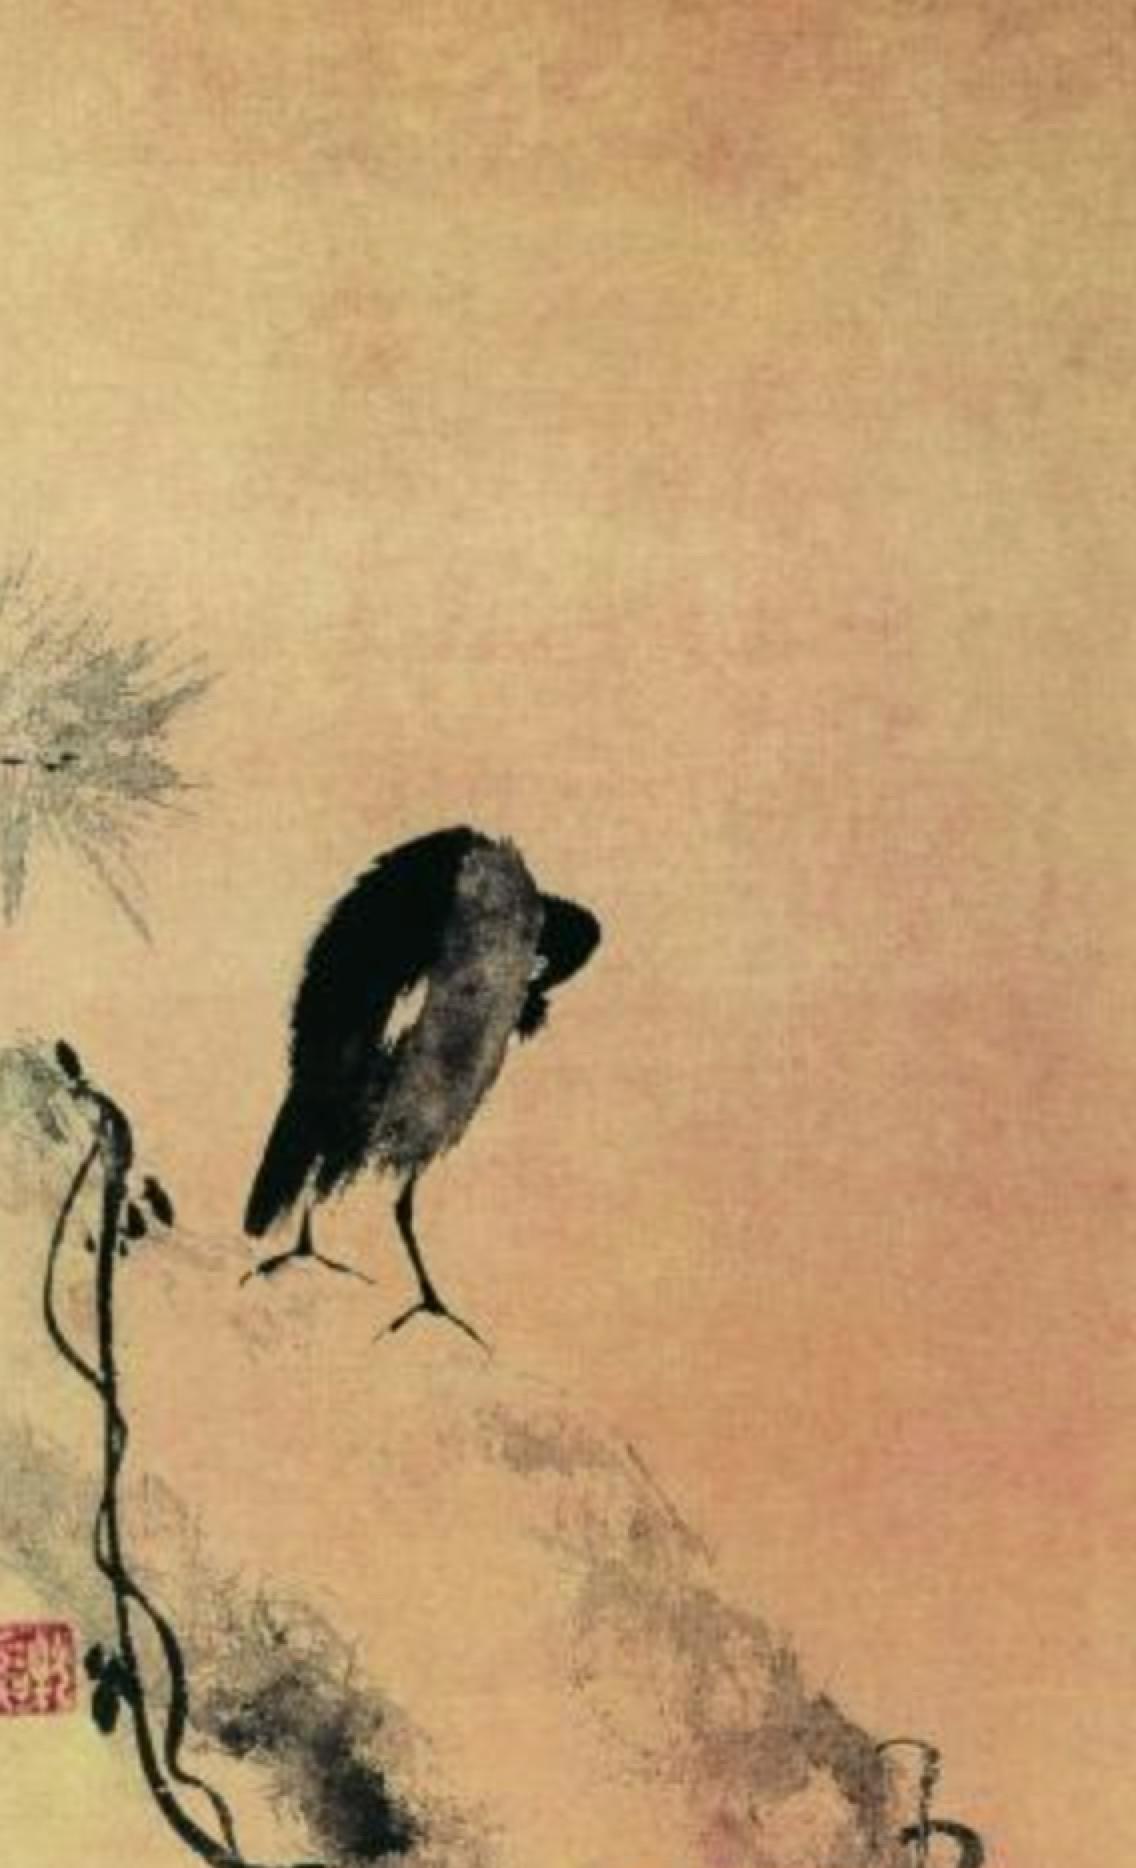 解读中国画中的禅:从梁楷到牧溪